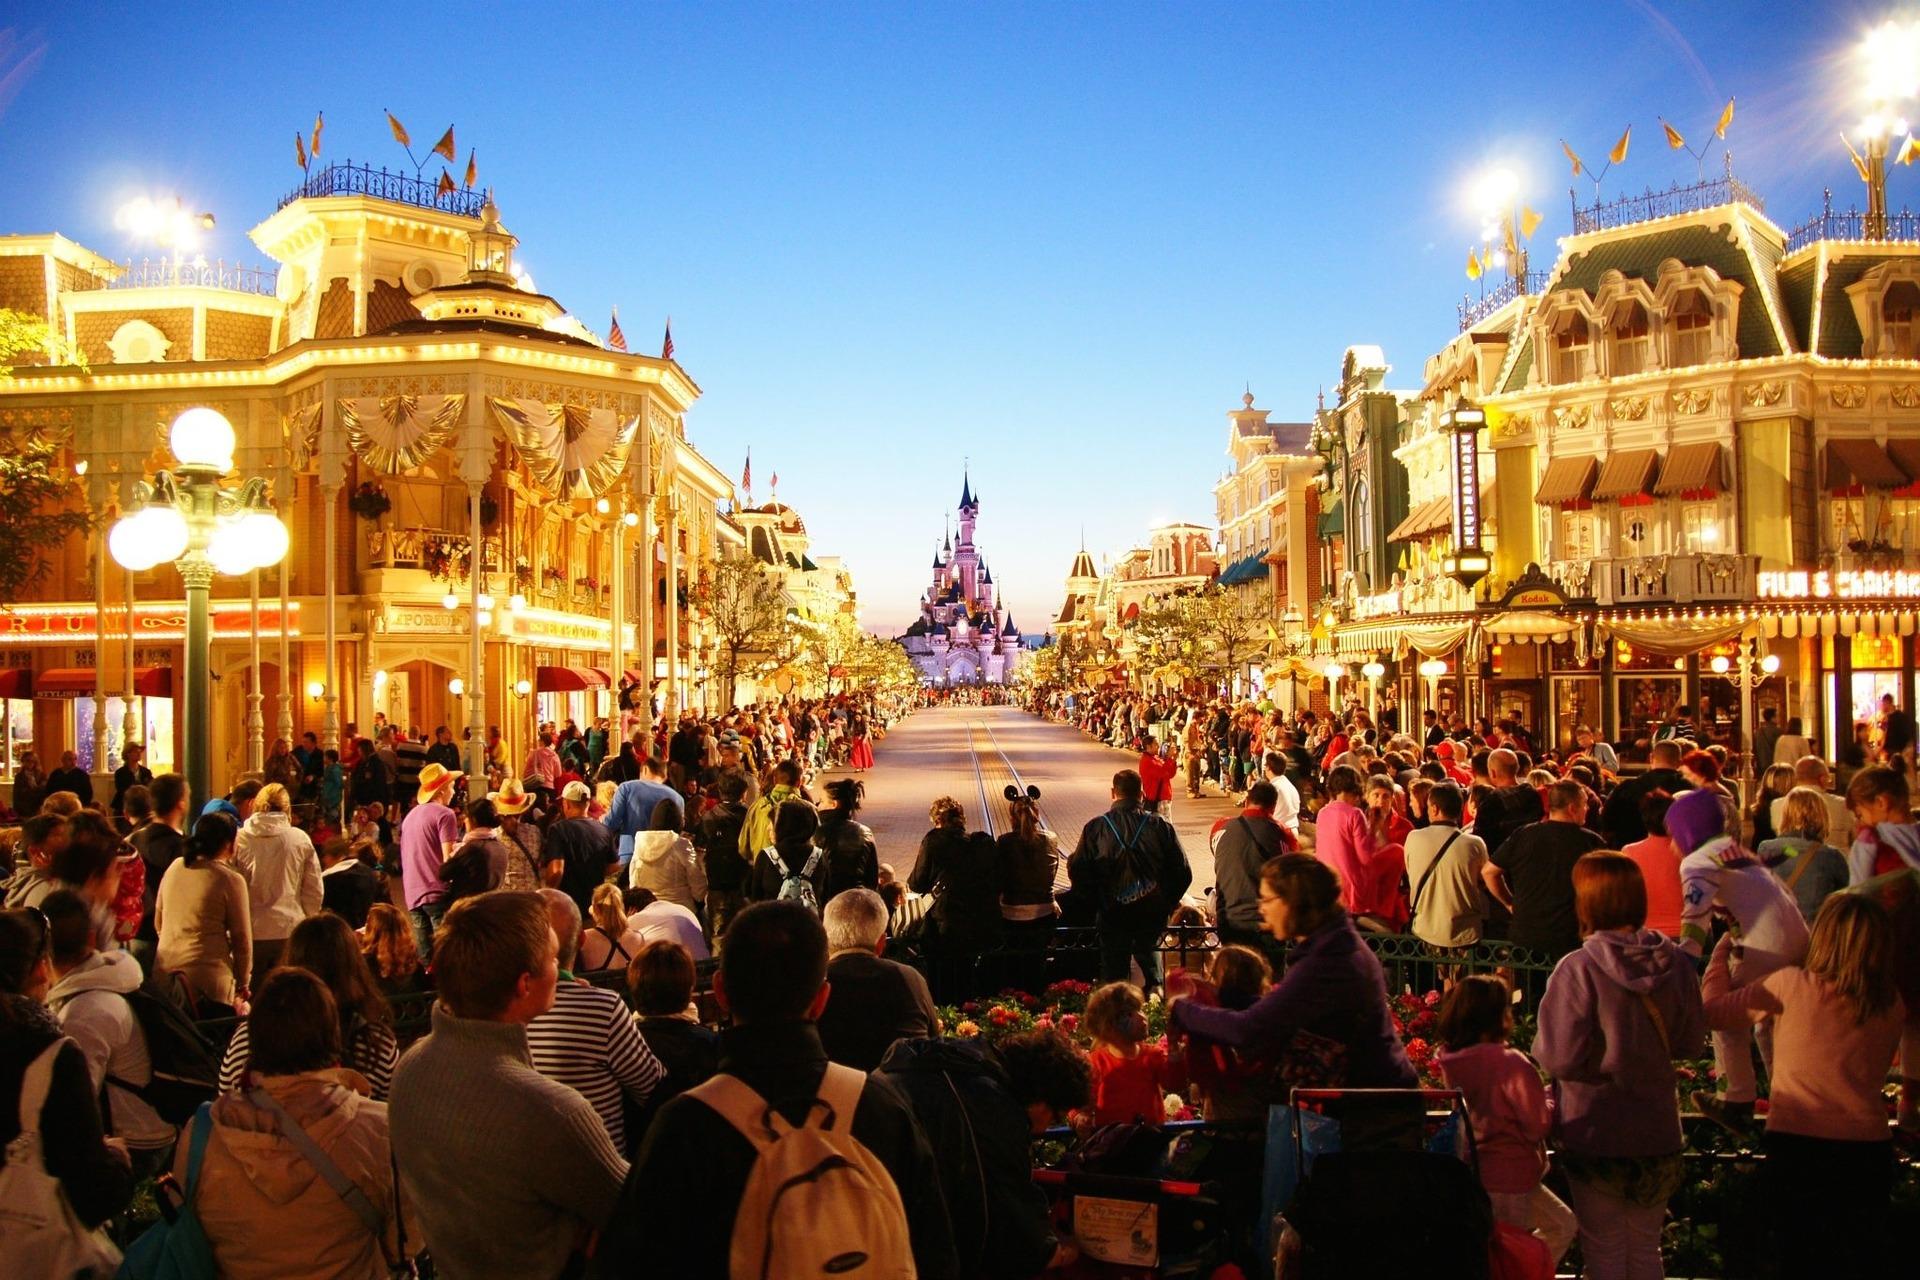 Disneyland Paris Karten und Hotel buchen günstig ab 79,50€ inkl. Frühstück